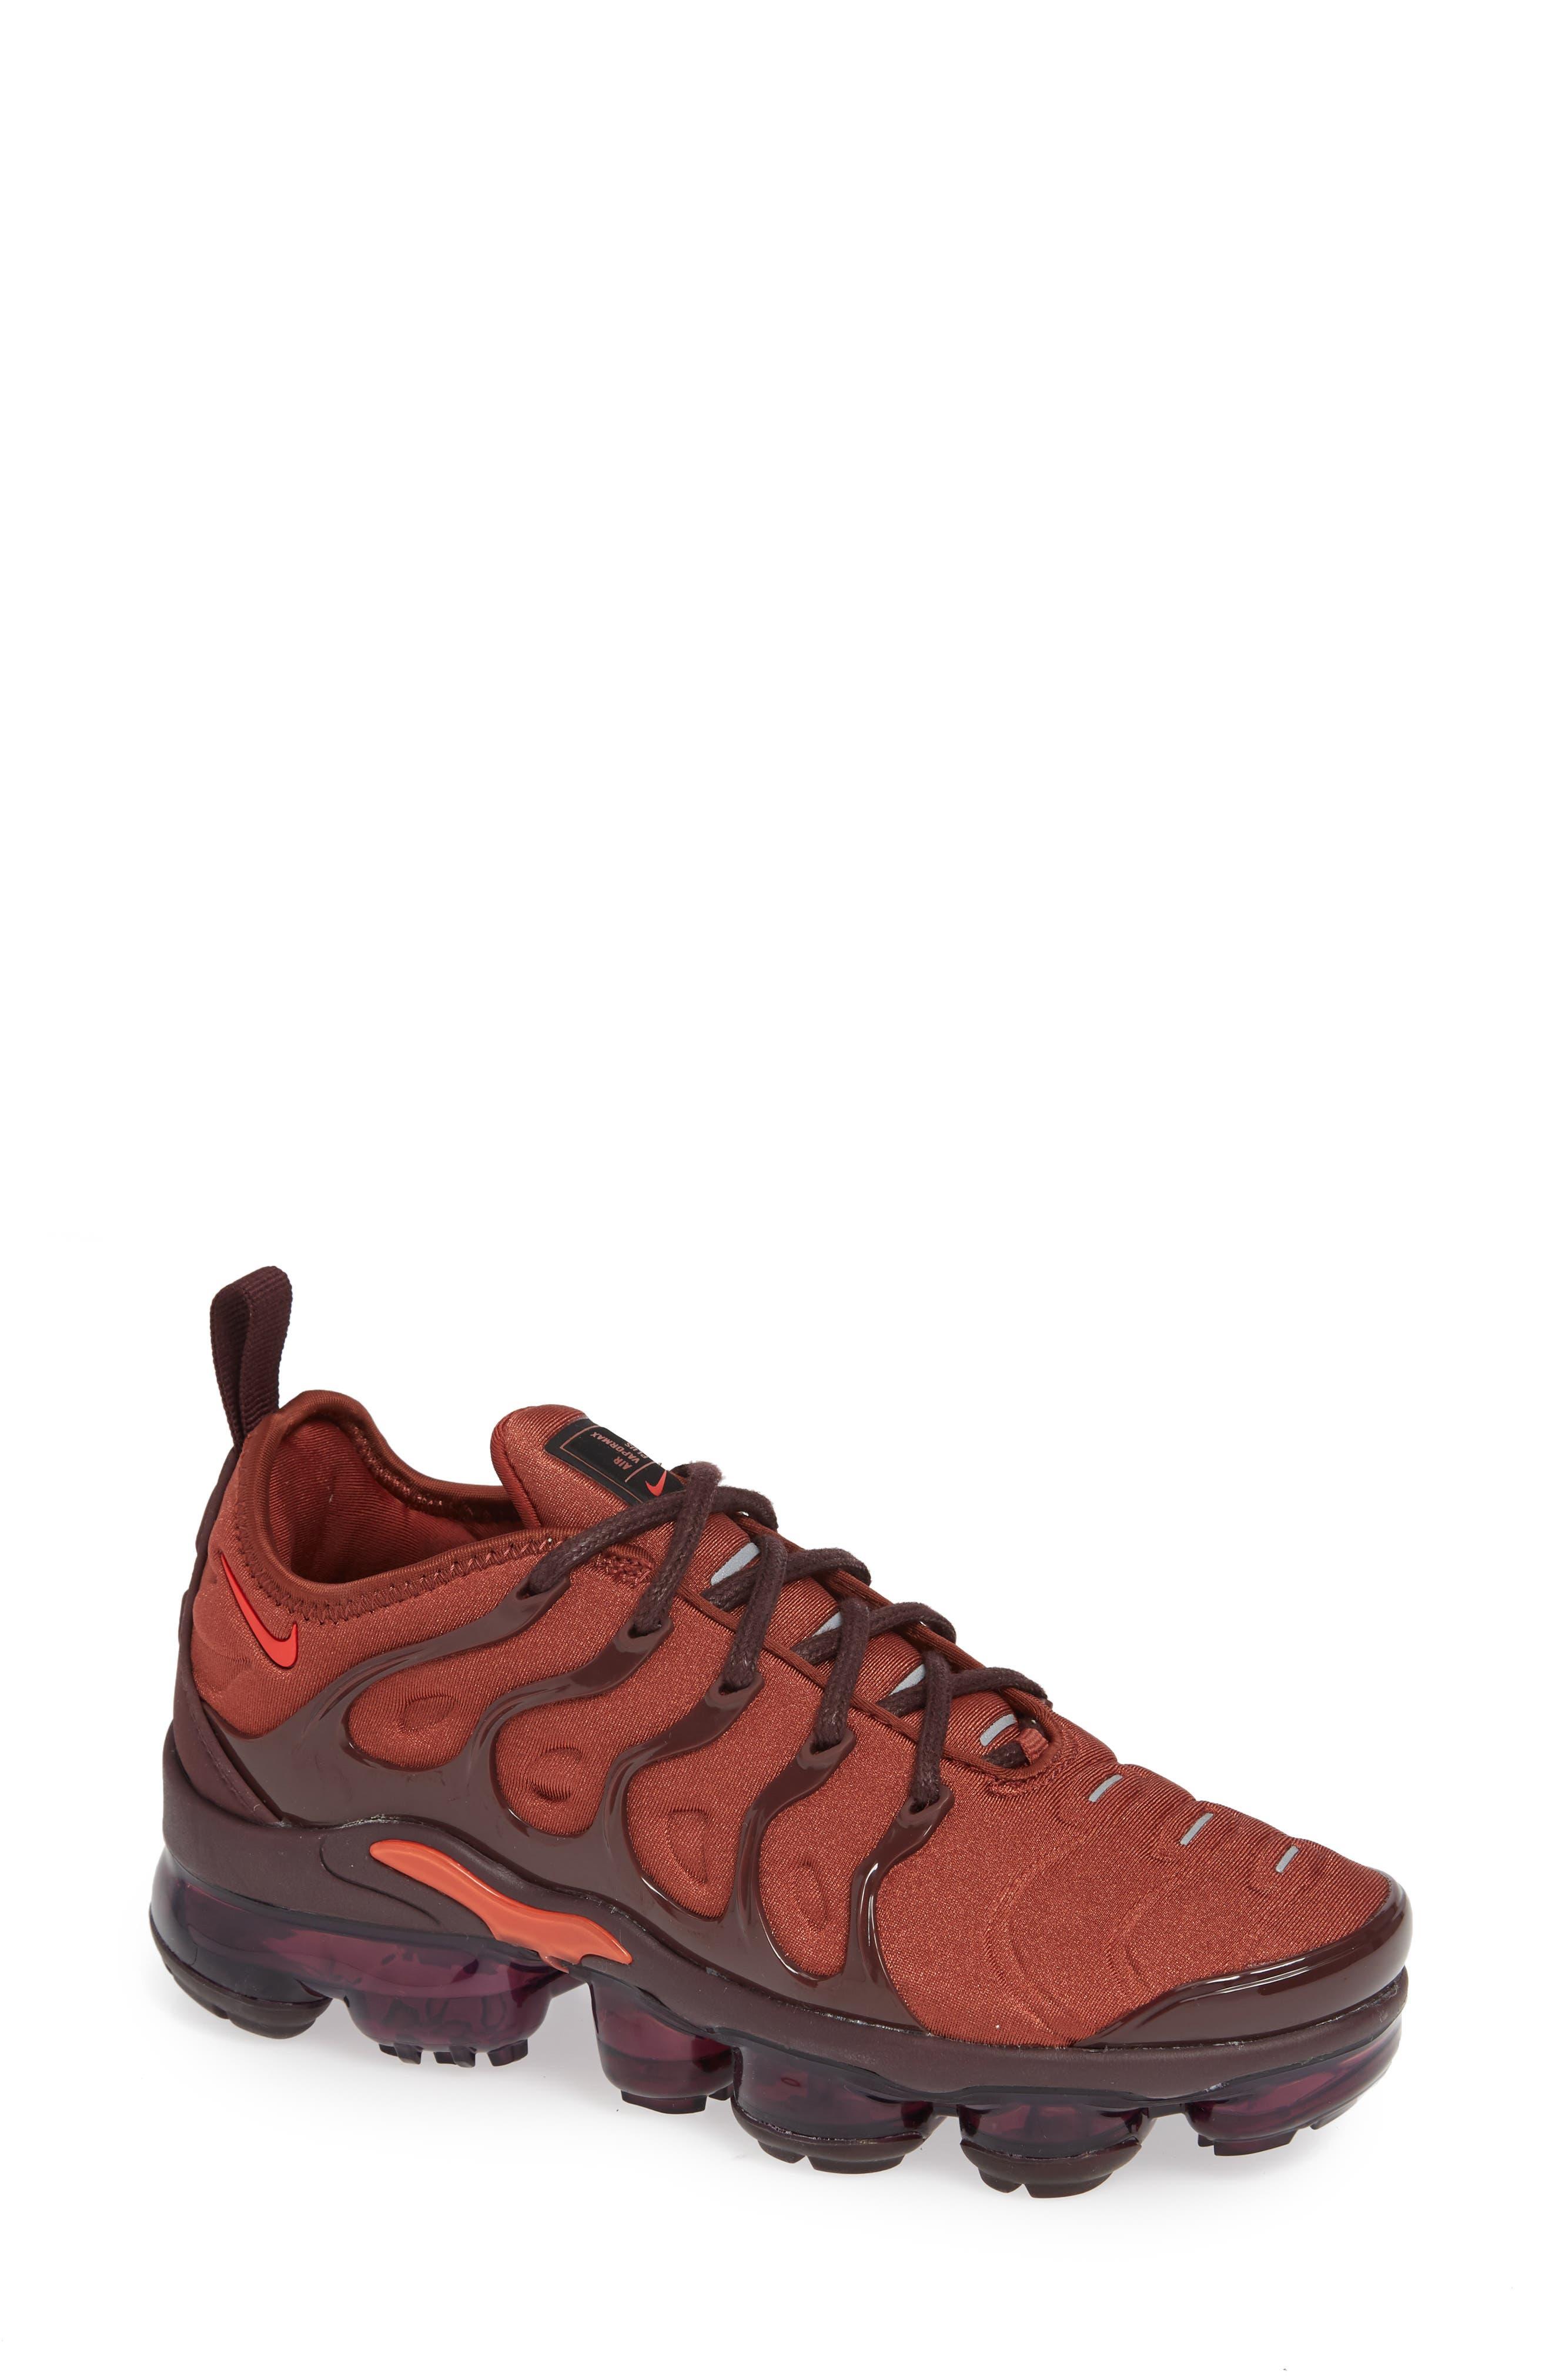 Air VaporMax Plus Sneaker,                             Main thumbnail 1, color,                             BURNT ORANGE/ RED-BURGUNDY